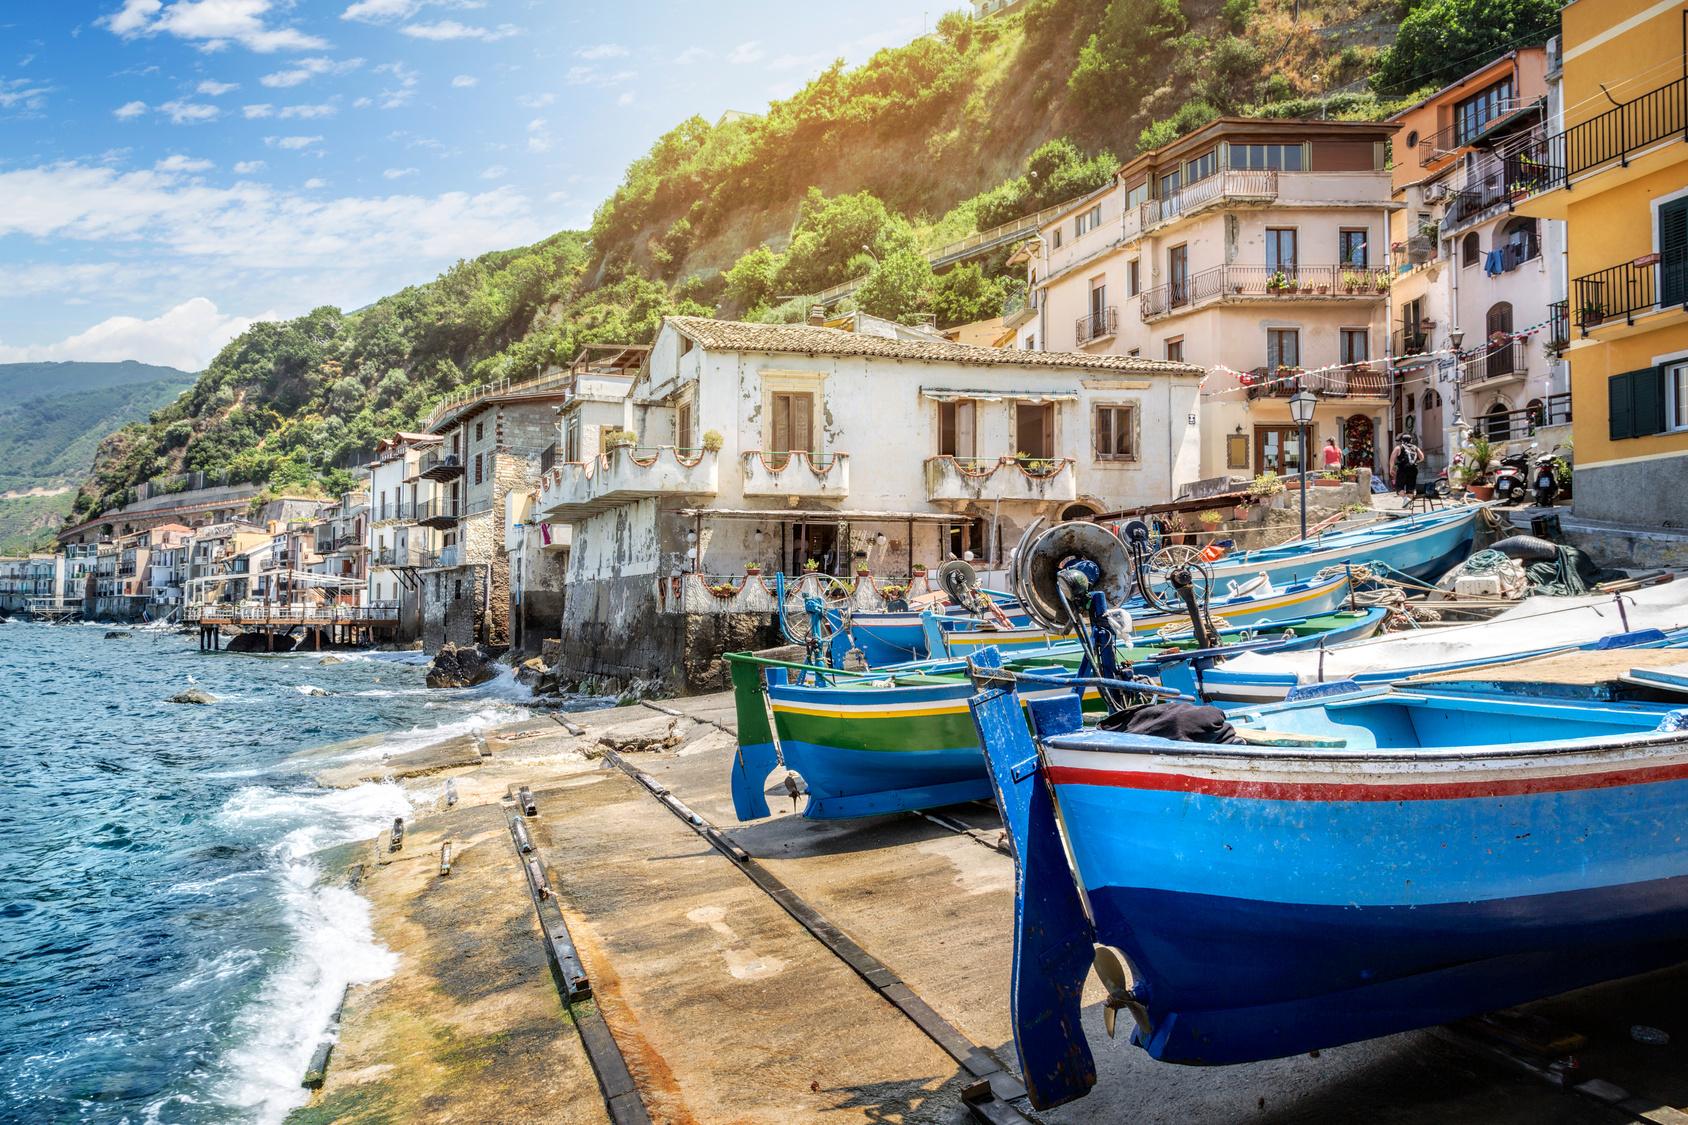 Barche davanti al mare in Calabria